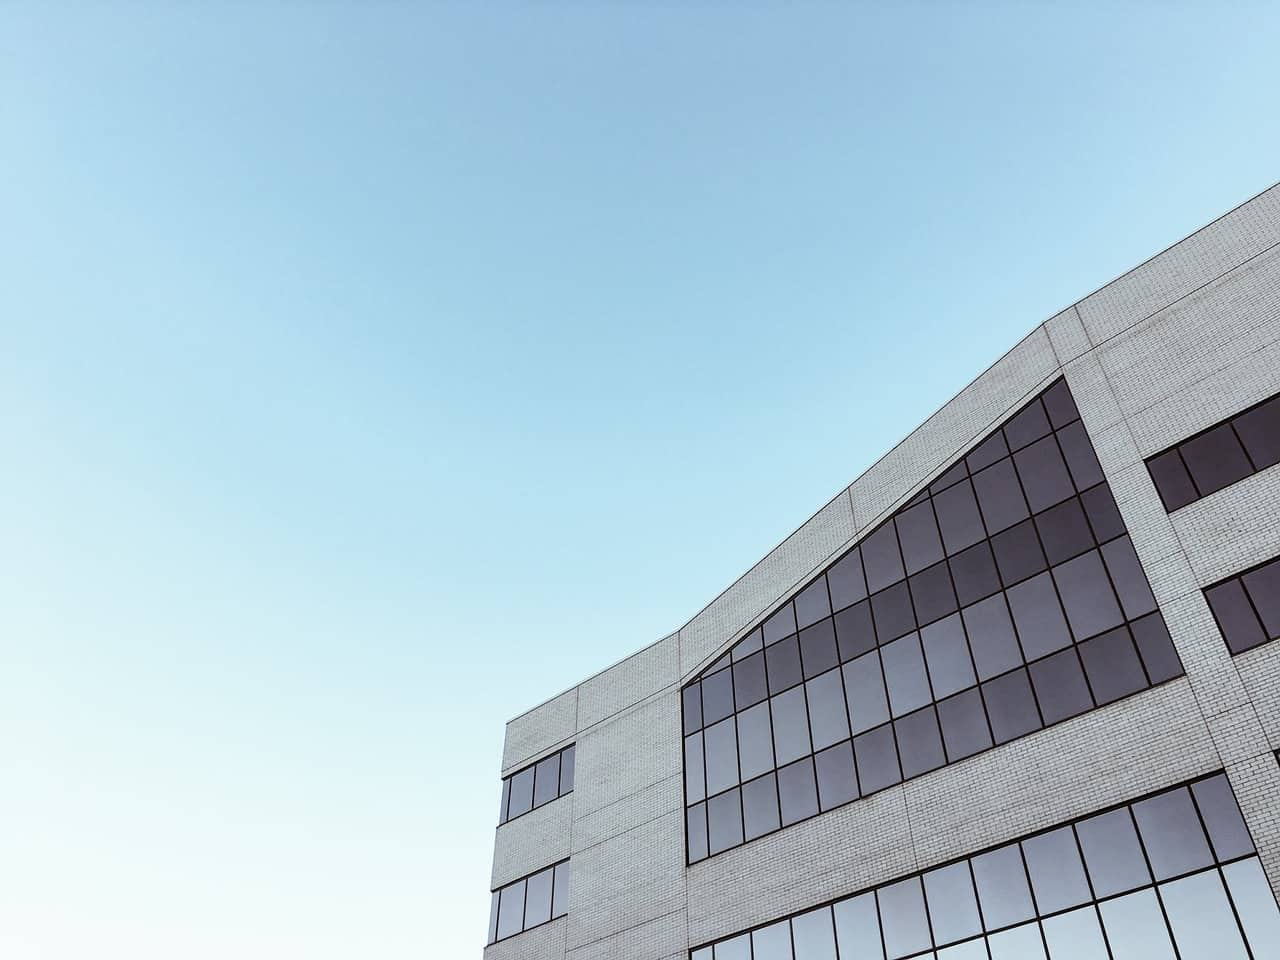 Office Roofing In Los Gatos, CA